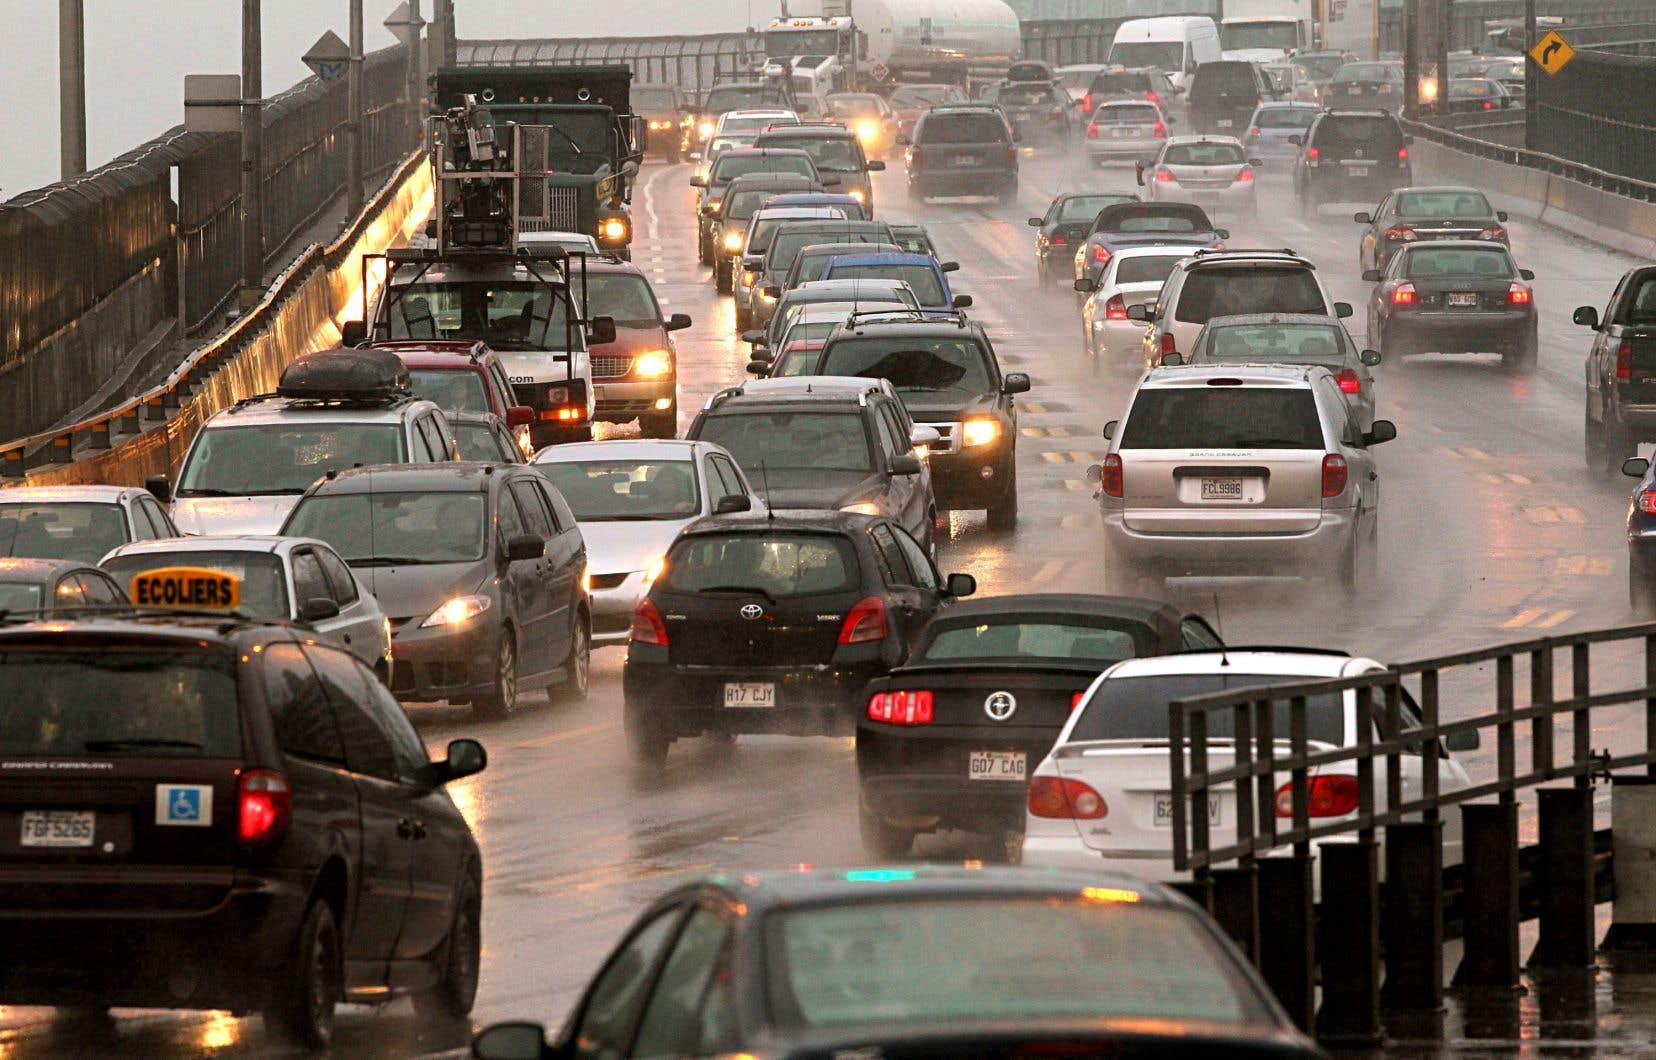 Toute augmentation de 1% du réseau autoroutier se traduit par une augmentation égale à 1% du nombre de kilomètres parcourus sur ce même réseau, rappelle l'auteur.